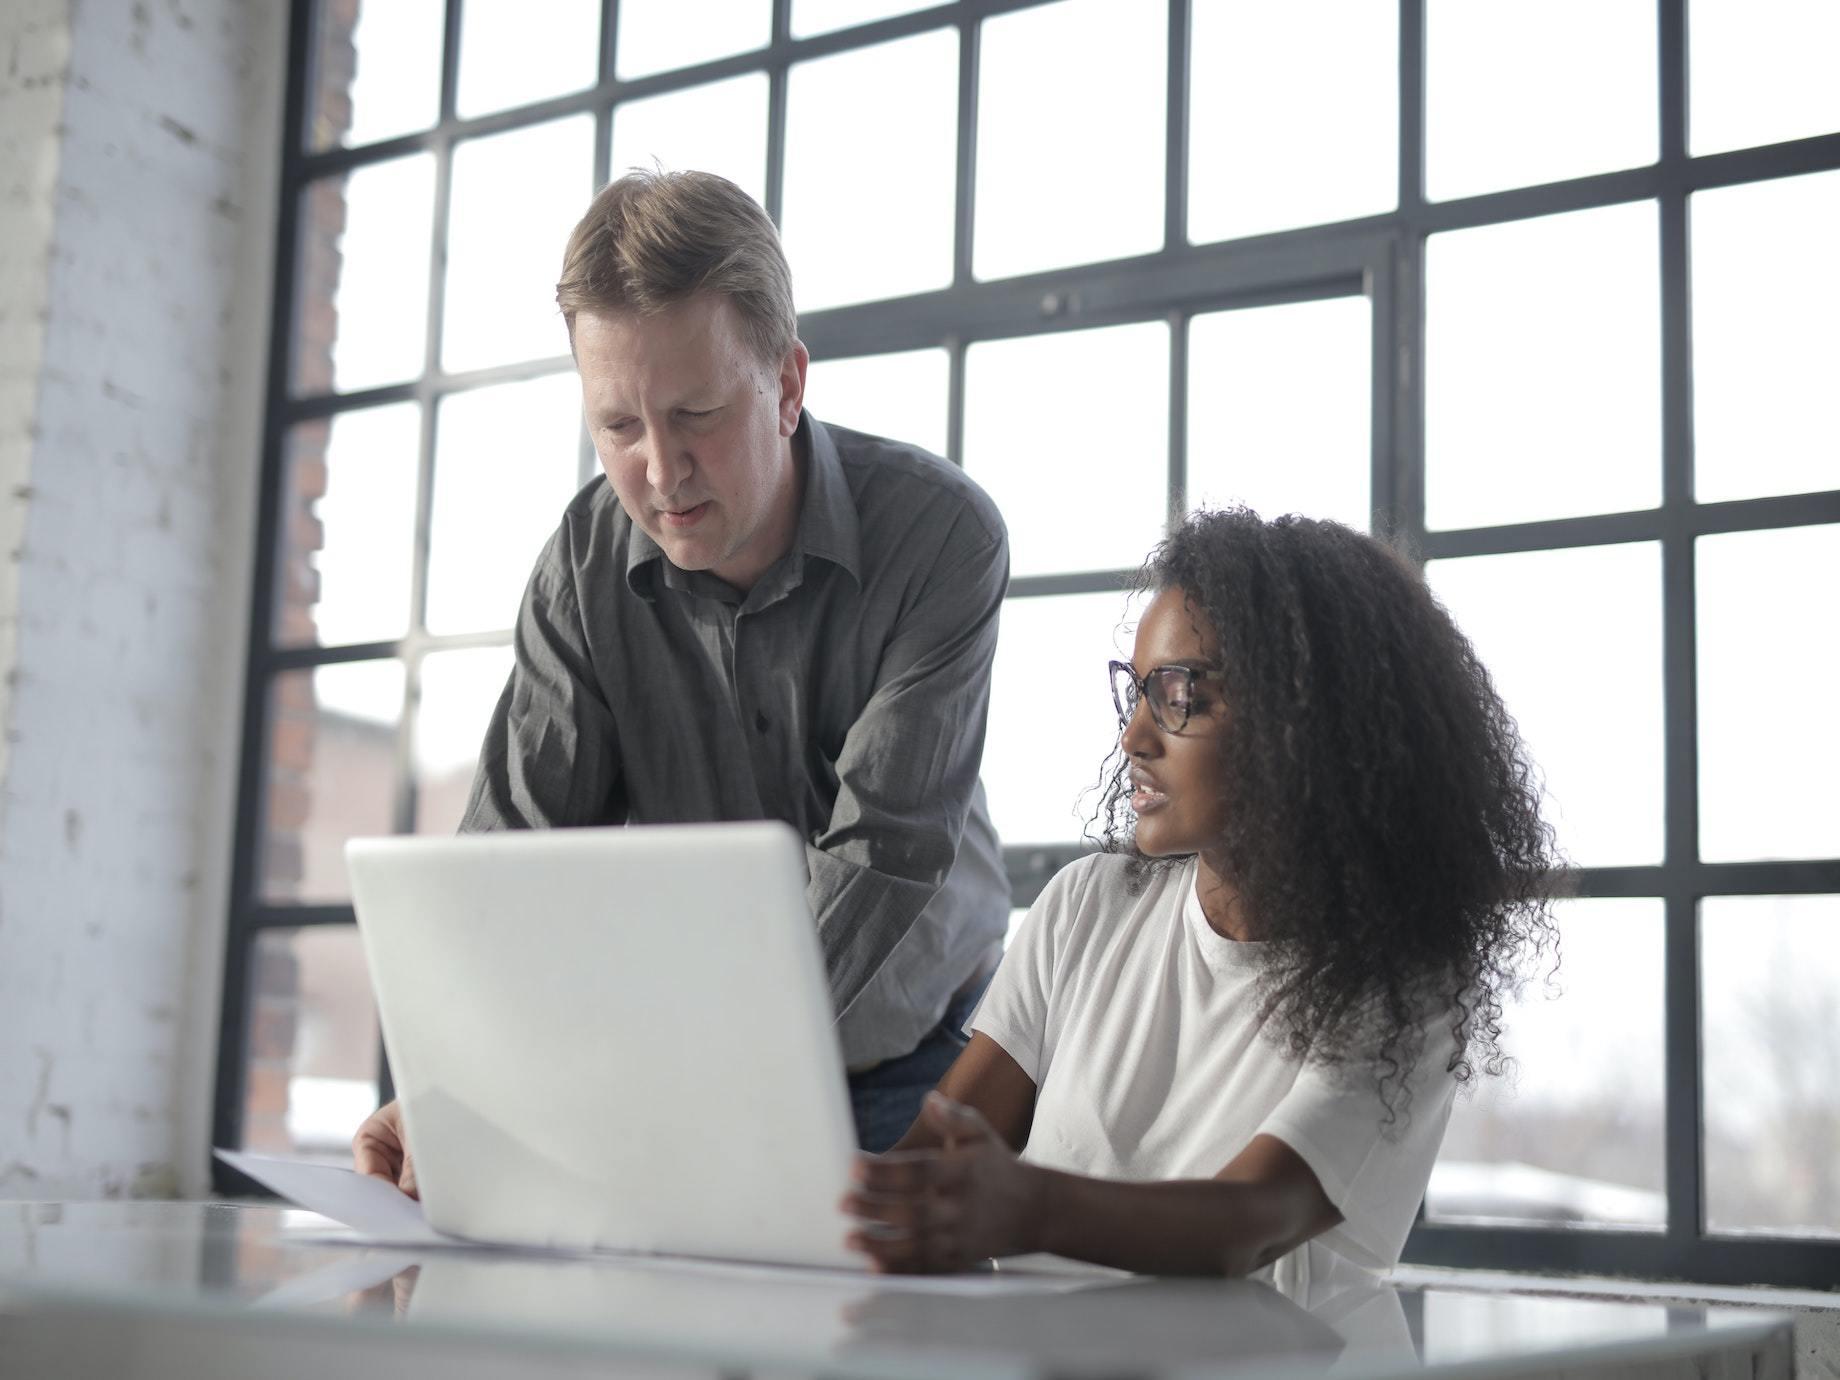 調查發現,上班族最頭痛竟然是和同事溝通?3個溝通必備妙招,馬上解決職場上90%的問題!